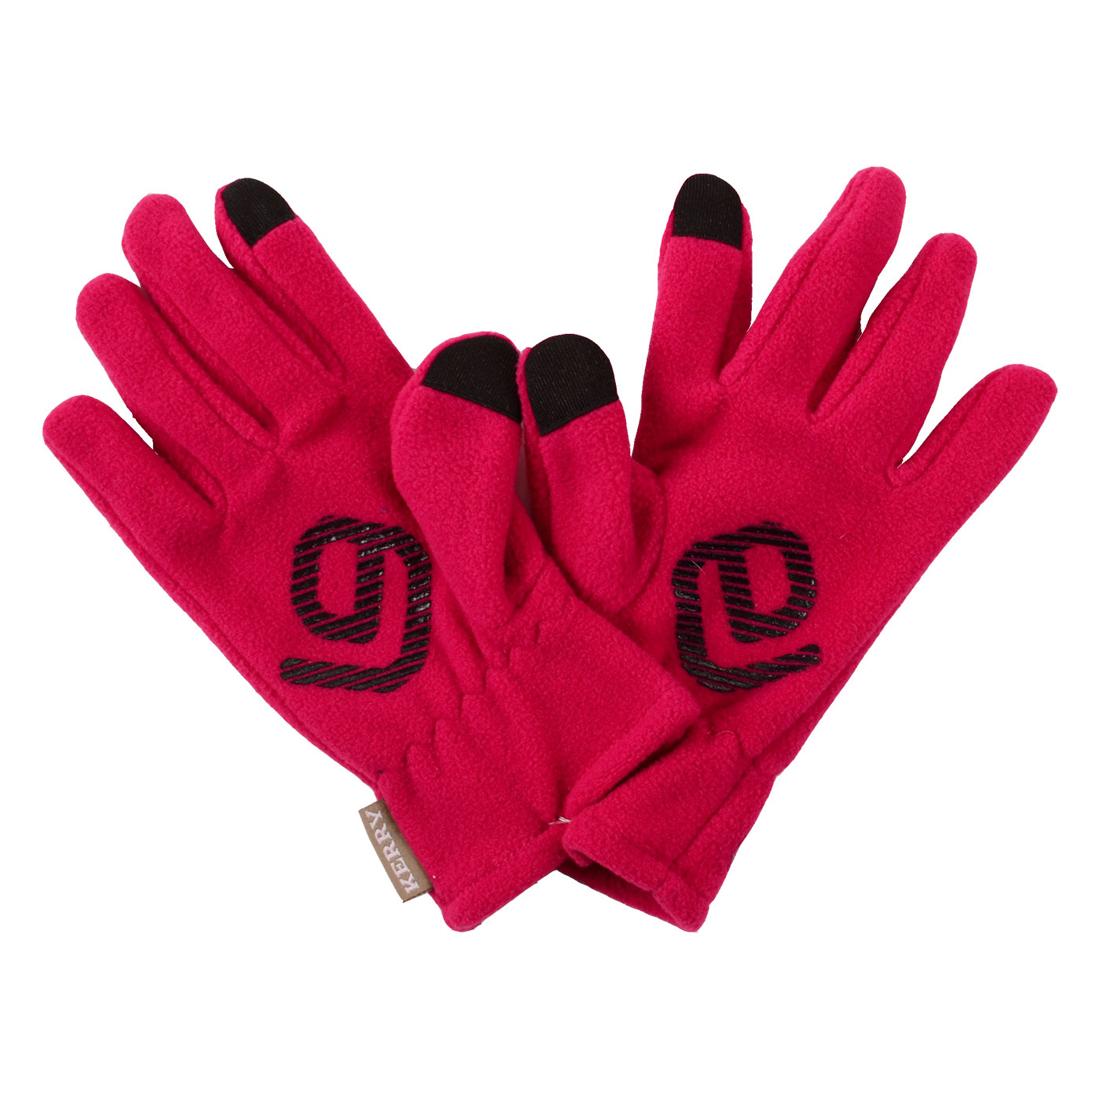 Перчатки KERRY GENE K16094, размер 6